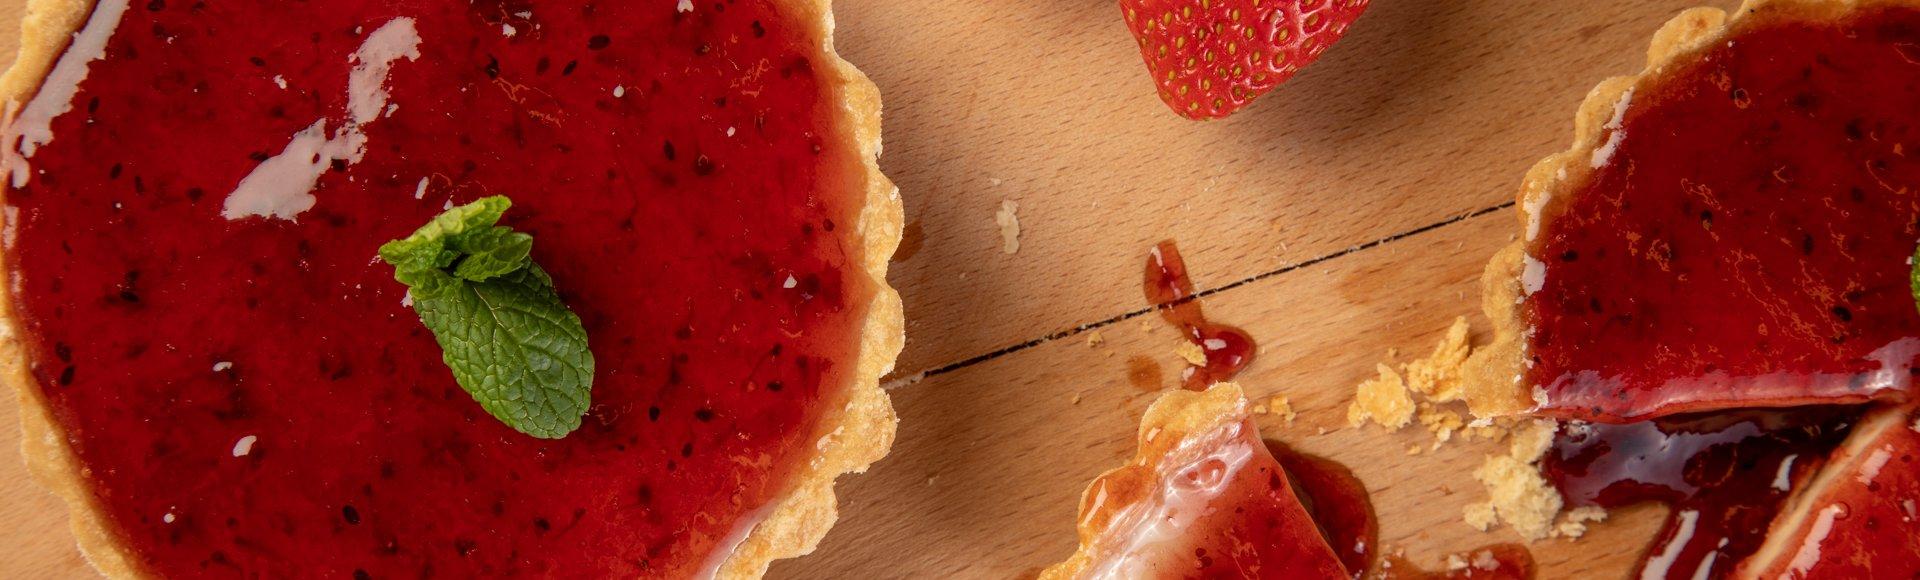 """Τάρτα με γέμιση """"cheesecake"""" και μαρμελάδα φράουλα"""